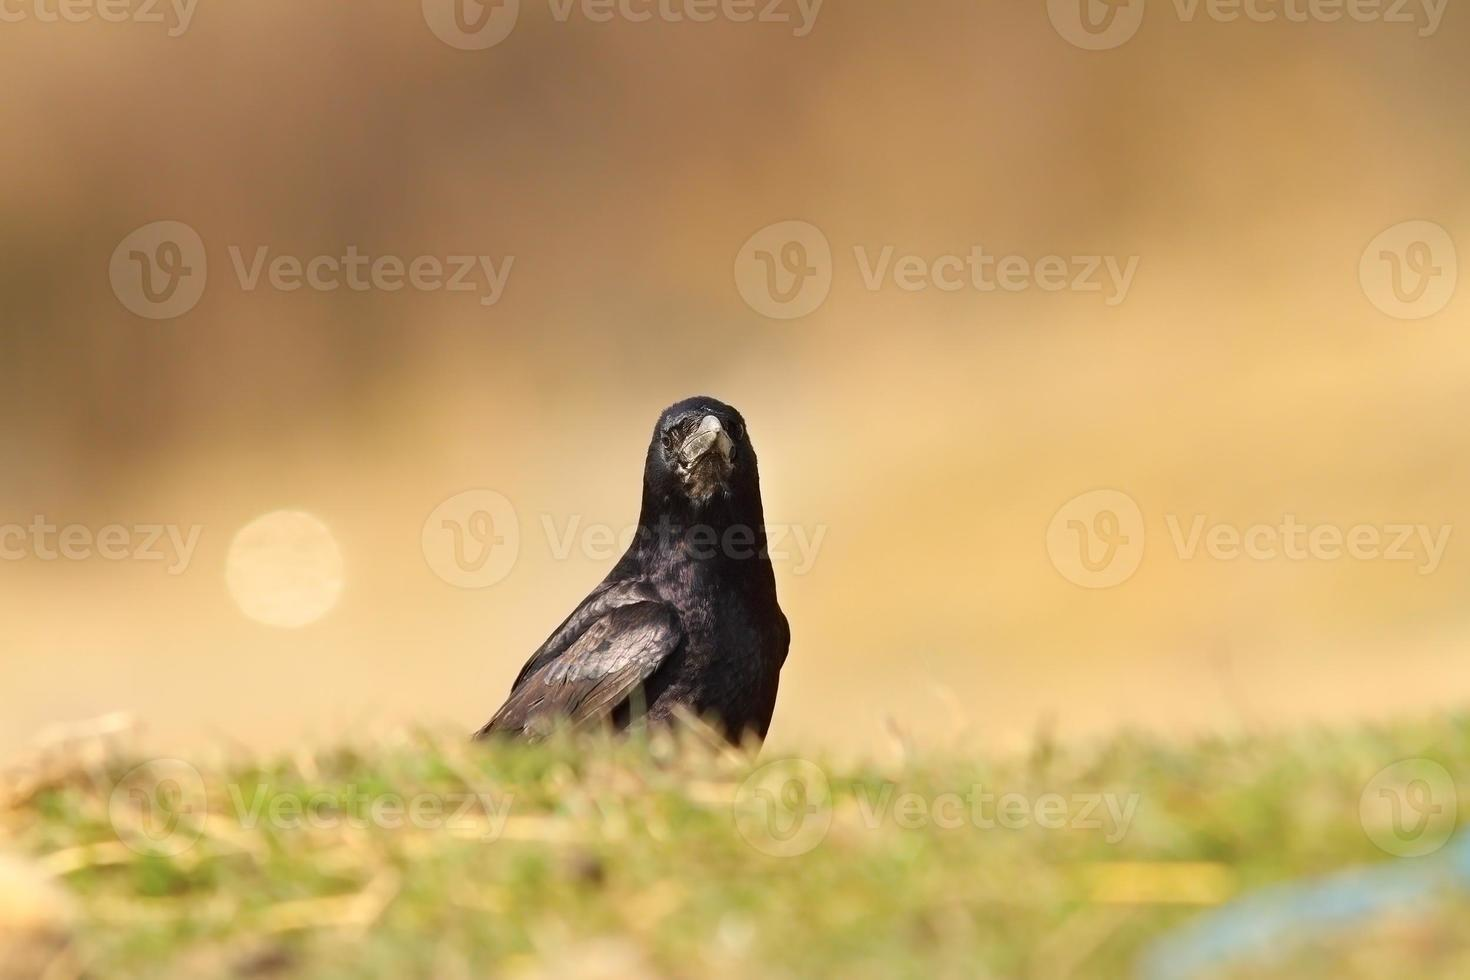 corvo olhando para a câmera foto